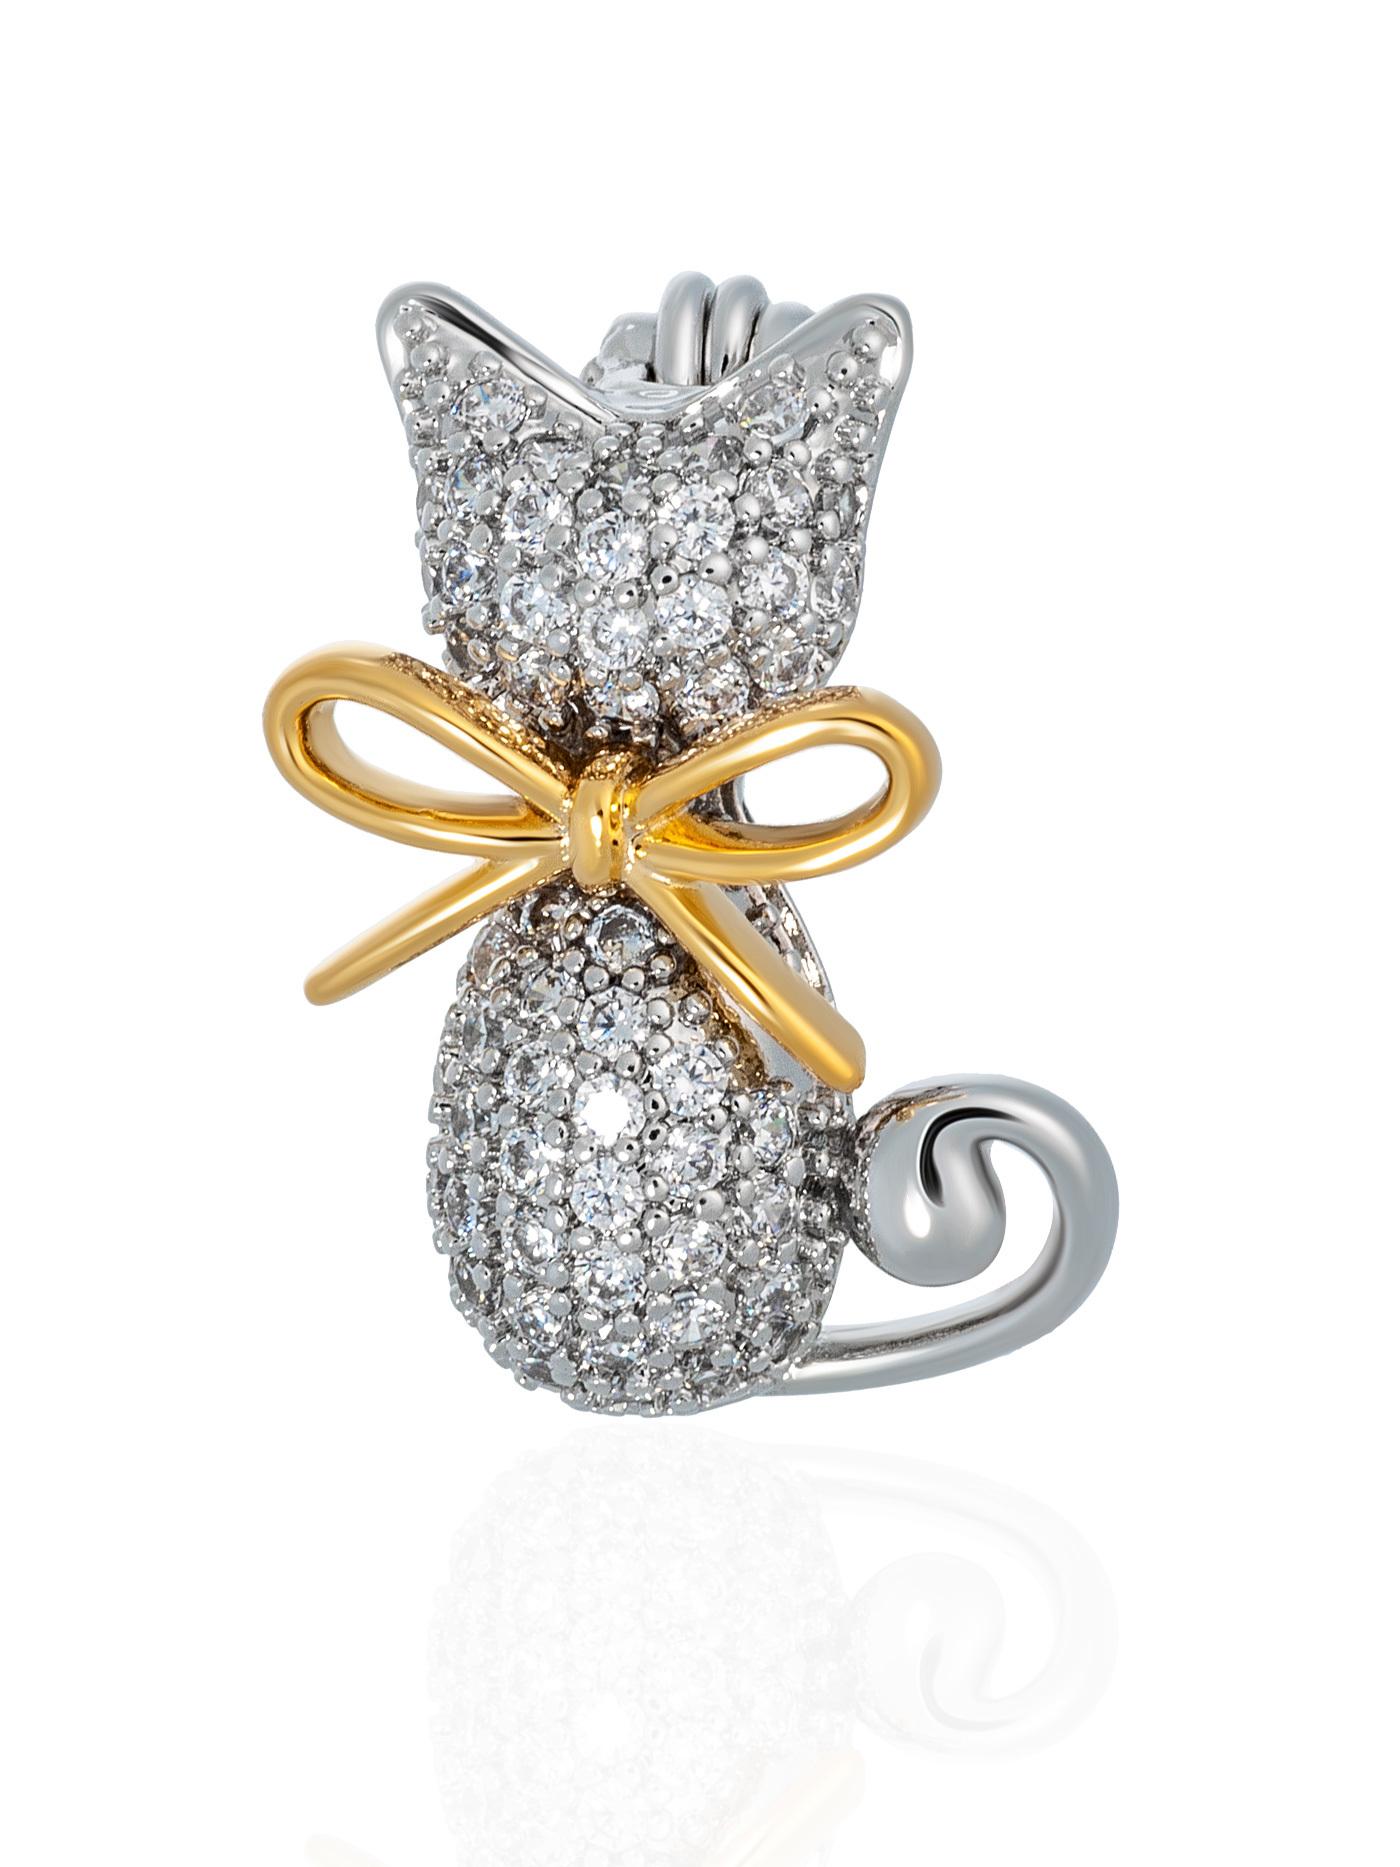 Мини-брошь Кошка с фианитами в подарочной коробке